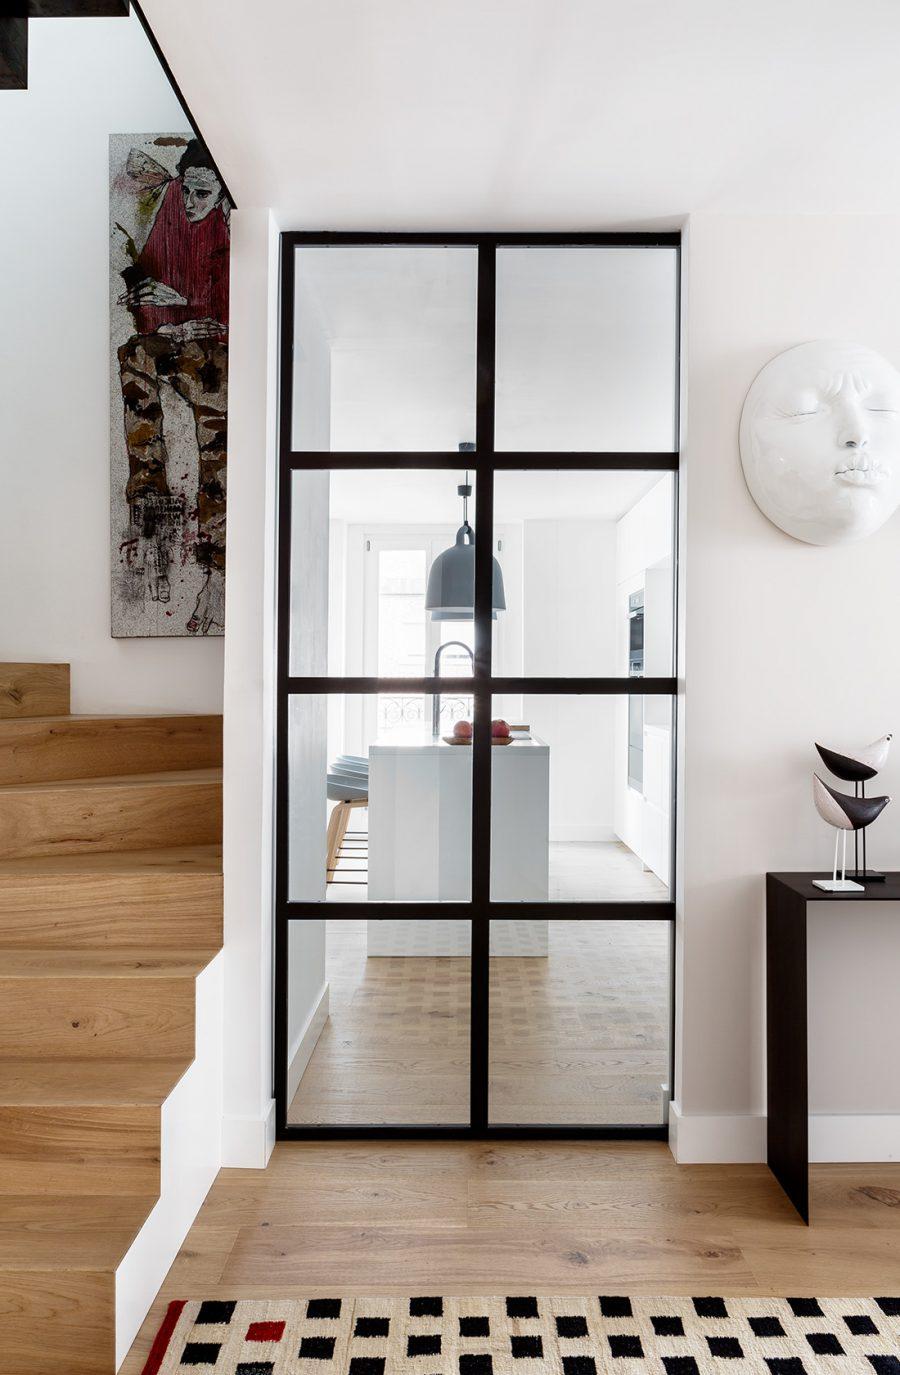 Reforma integral duplex serrano casa ayala ii entrada cocina 02